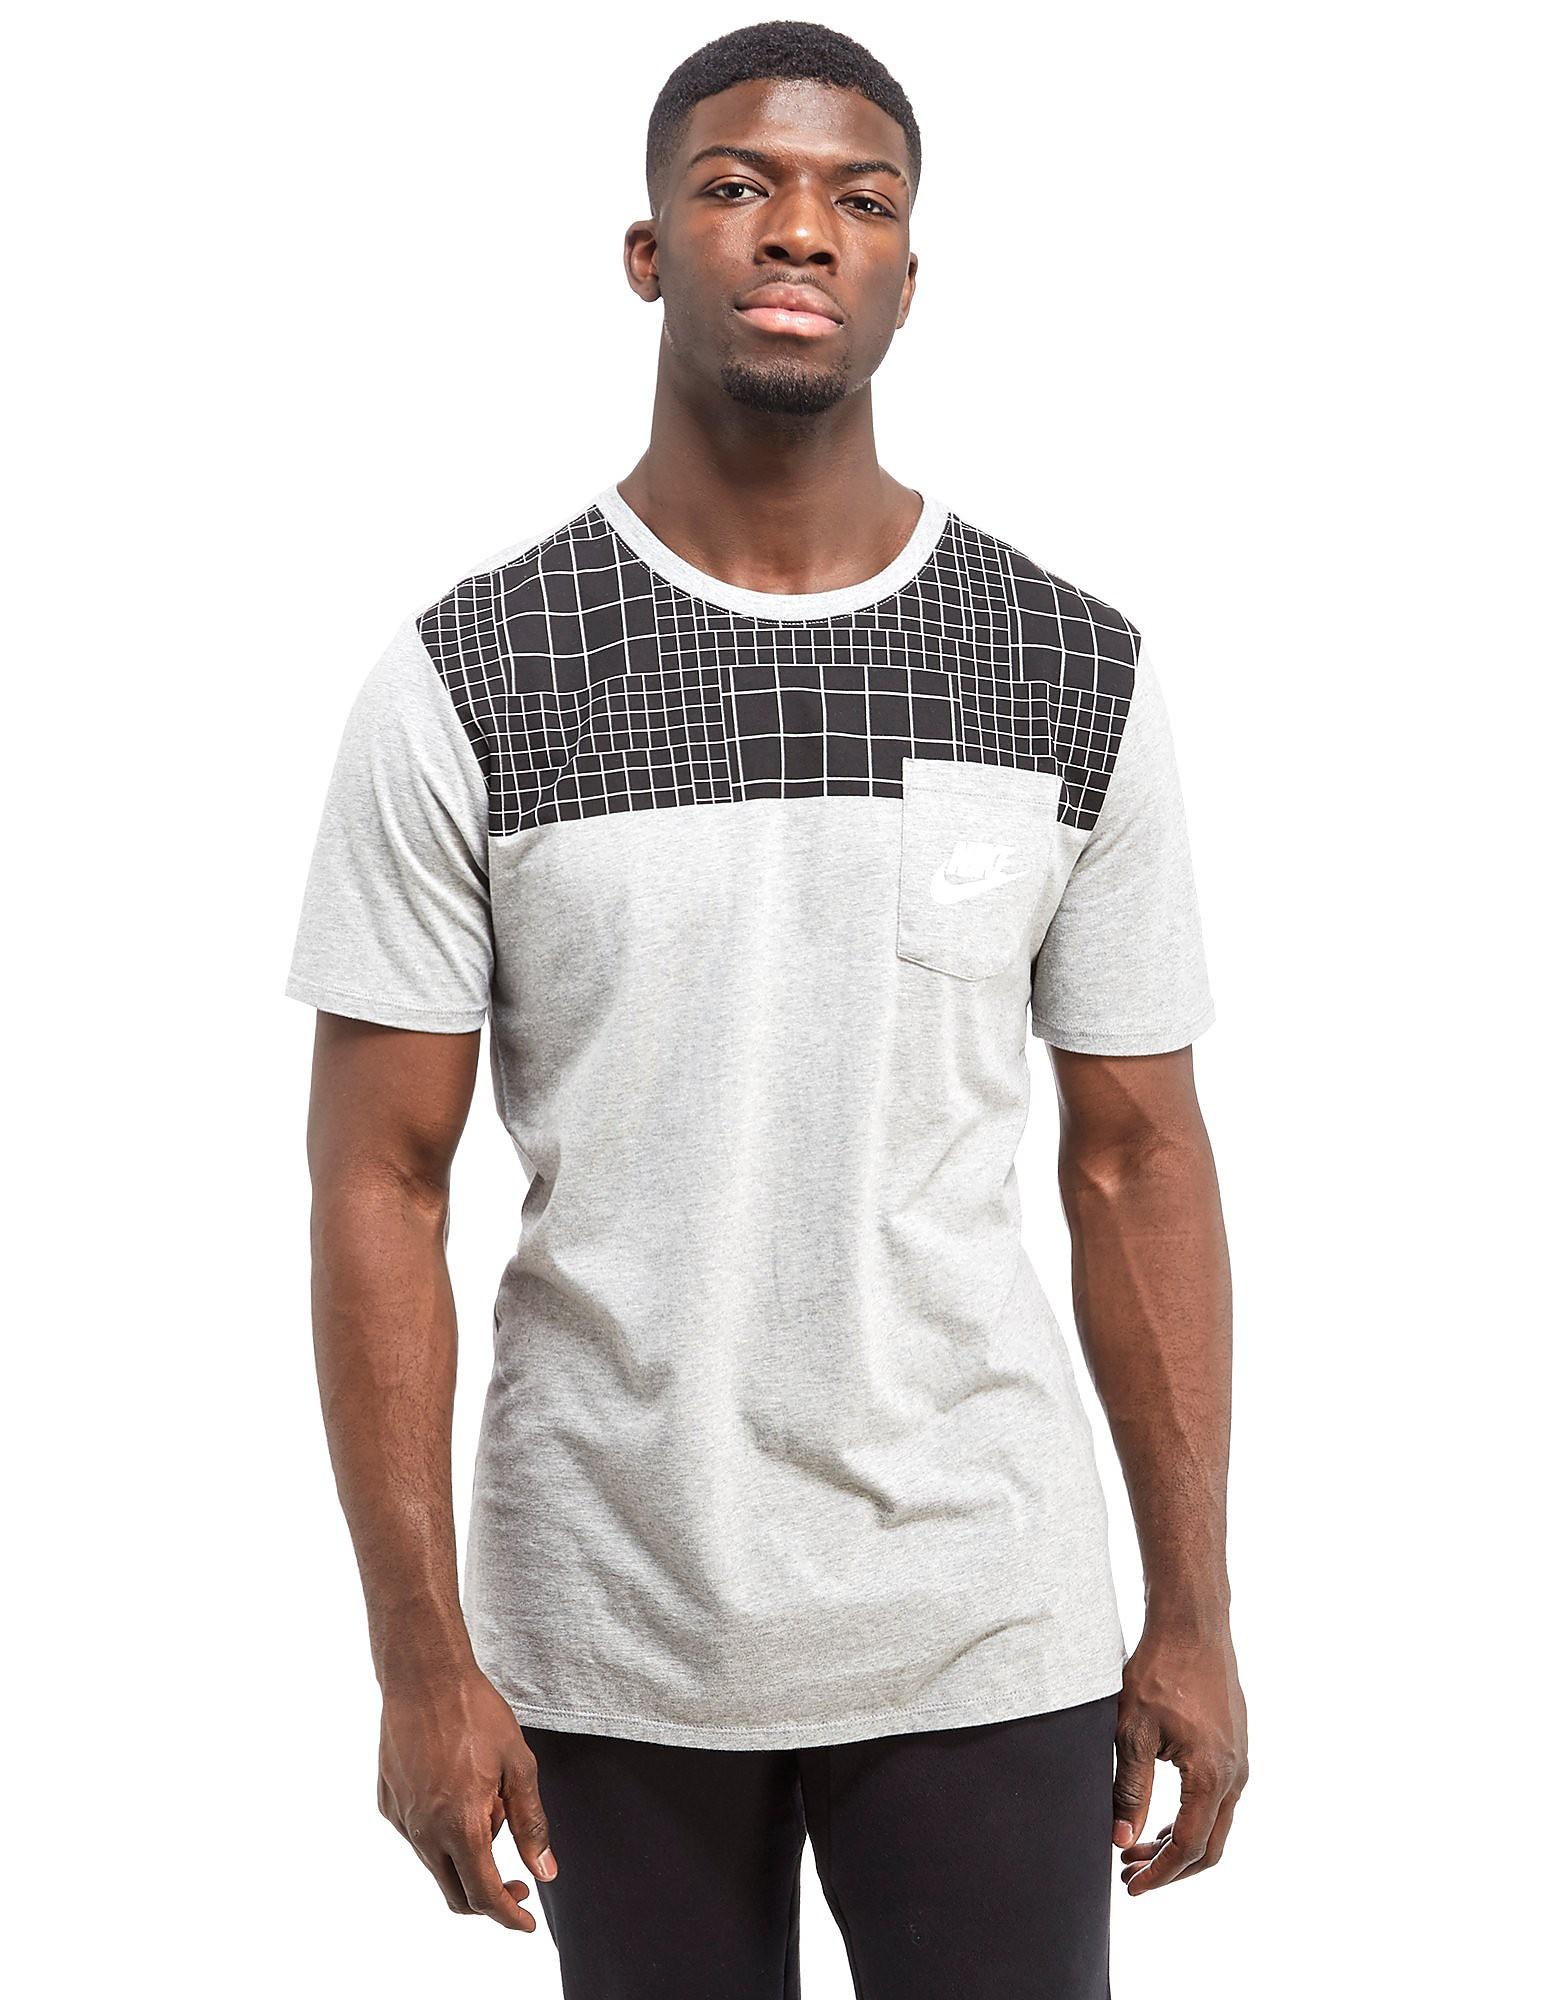 Nike Camiseta Advance Pocket